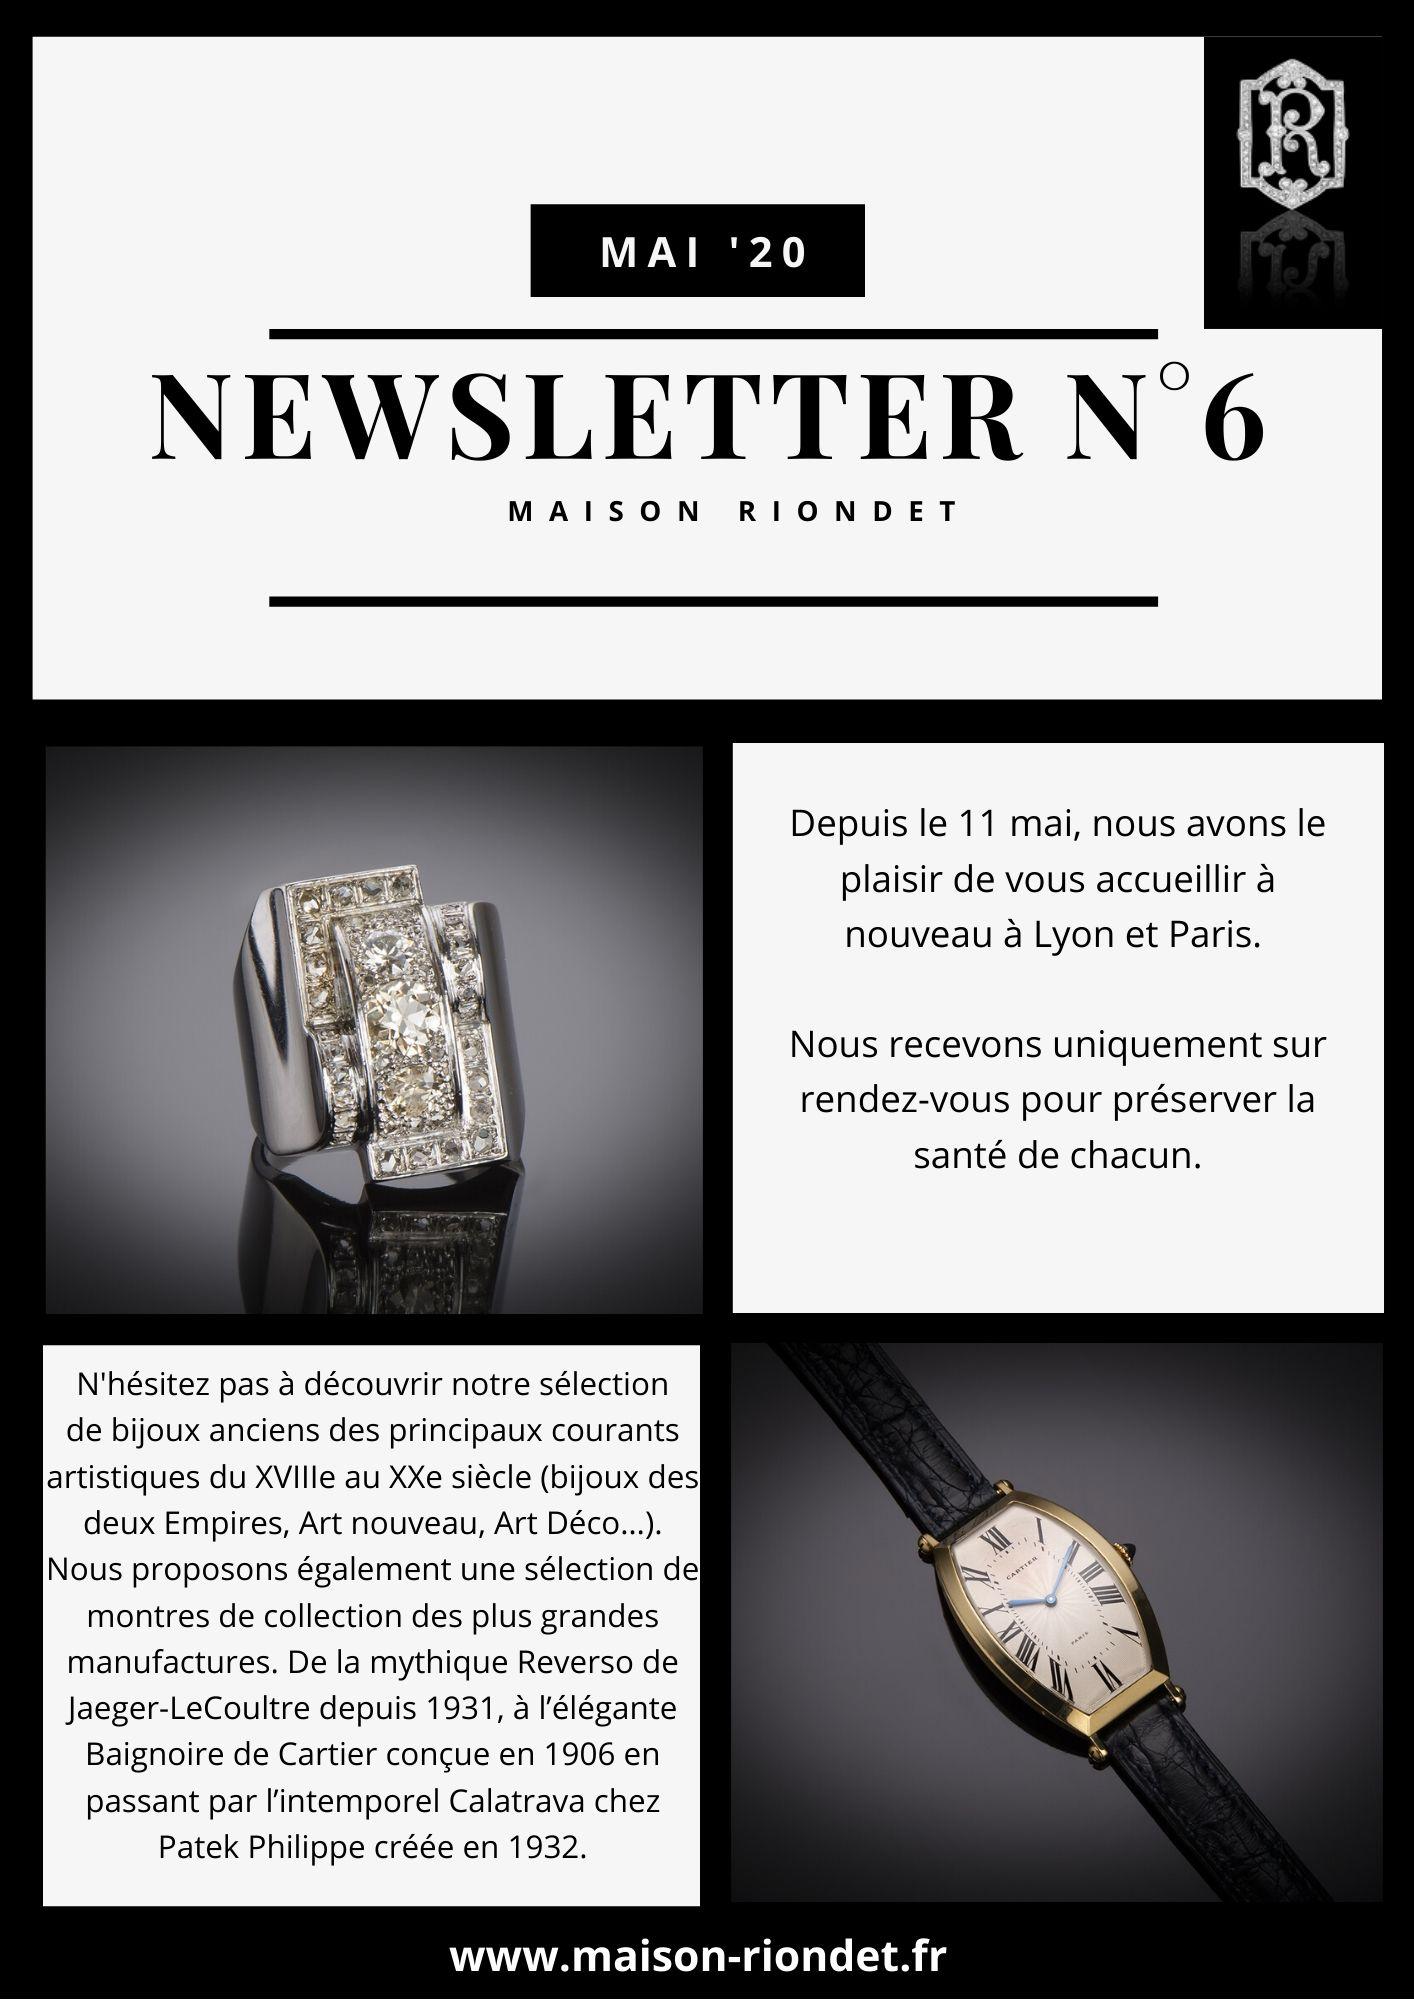 Newsletter Maison Riondet # 6 mai '20